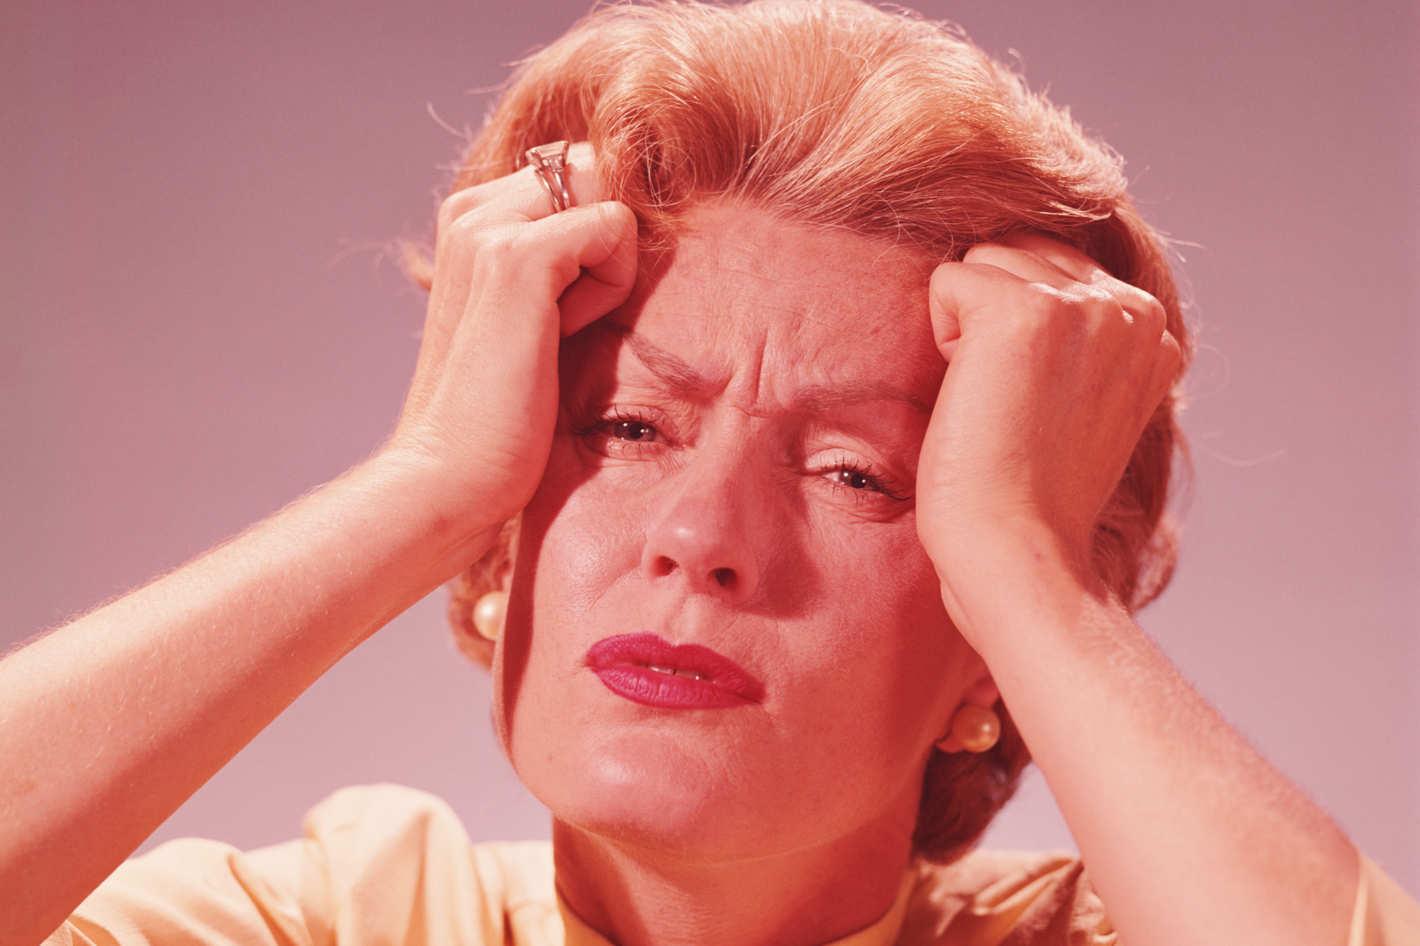 05-migraine-patches-lede.w710.h473.2x.jpg